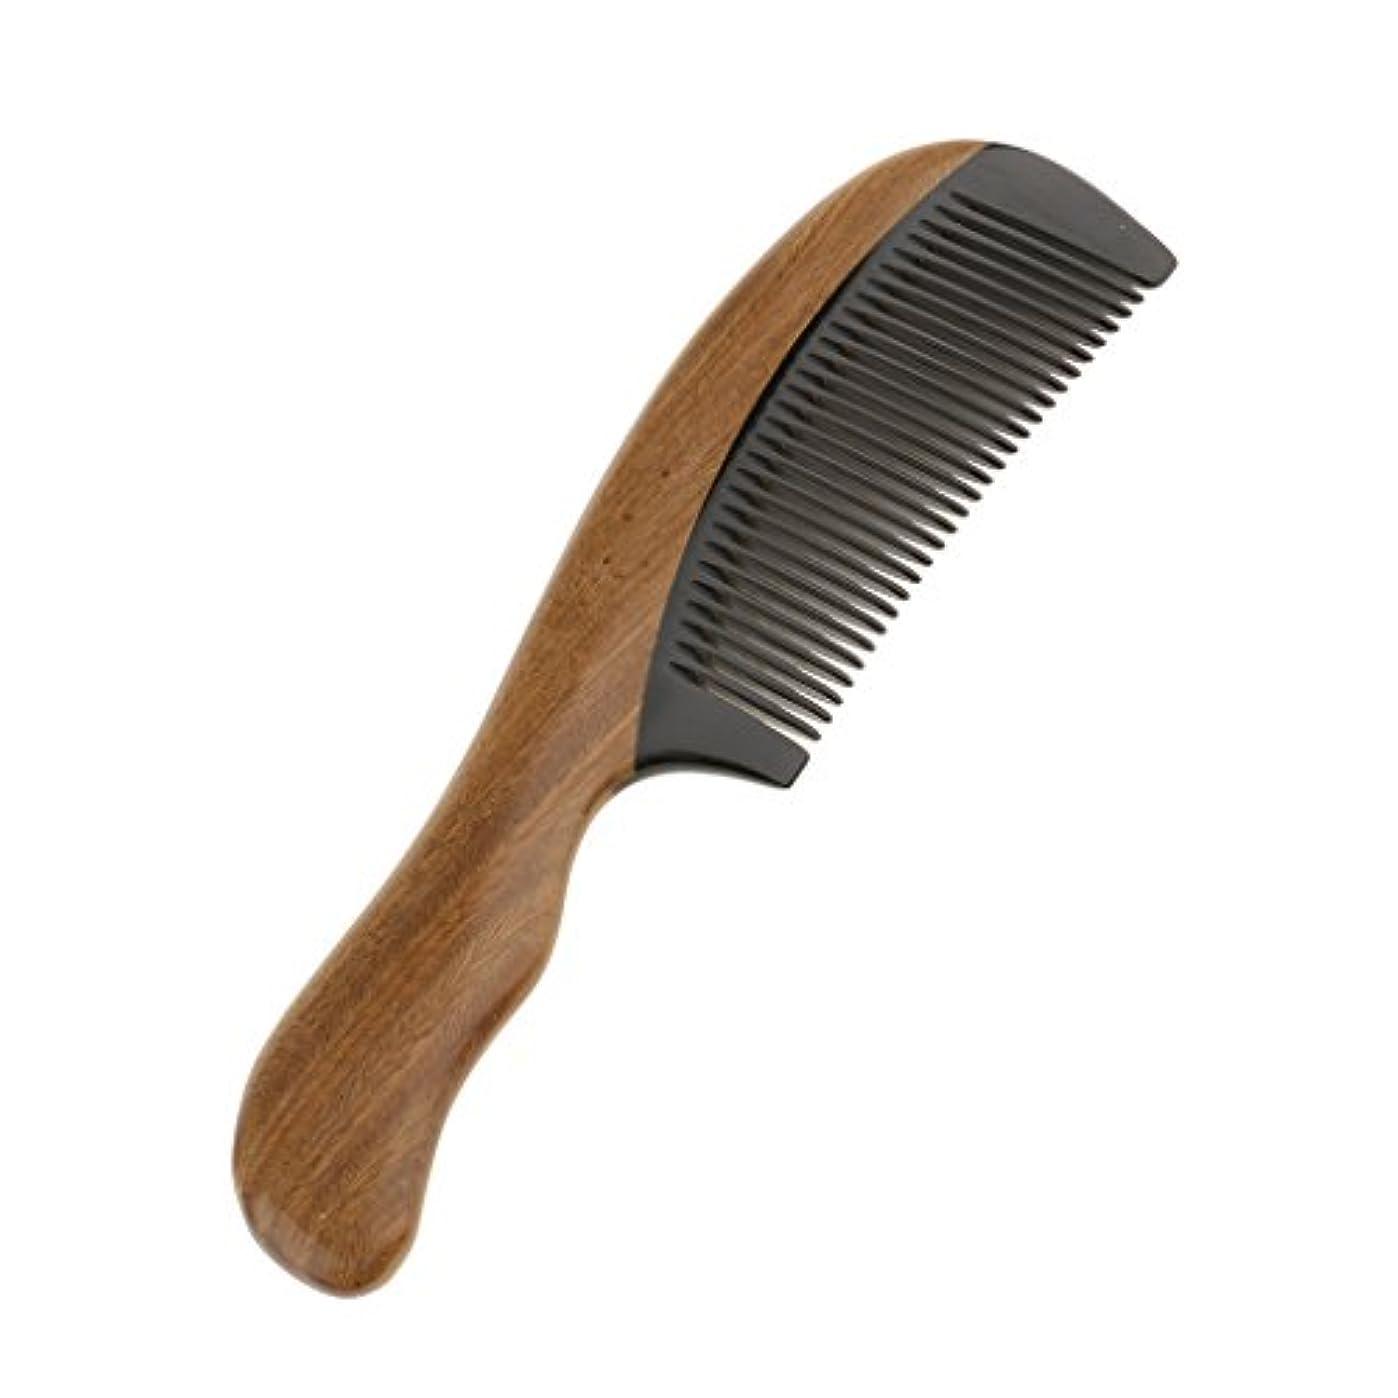 勇者とげ静める木製 櫛 コーム ウッド マッサージ リラックス ポケット ヘアブラシ 高品質